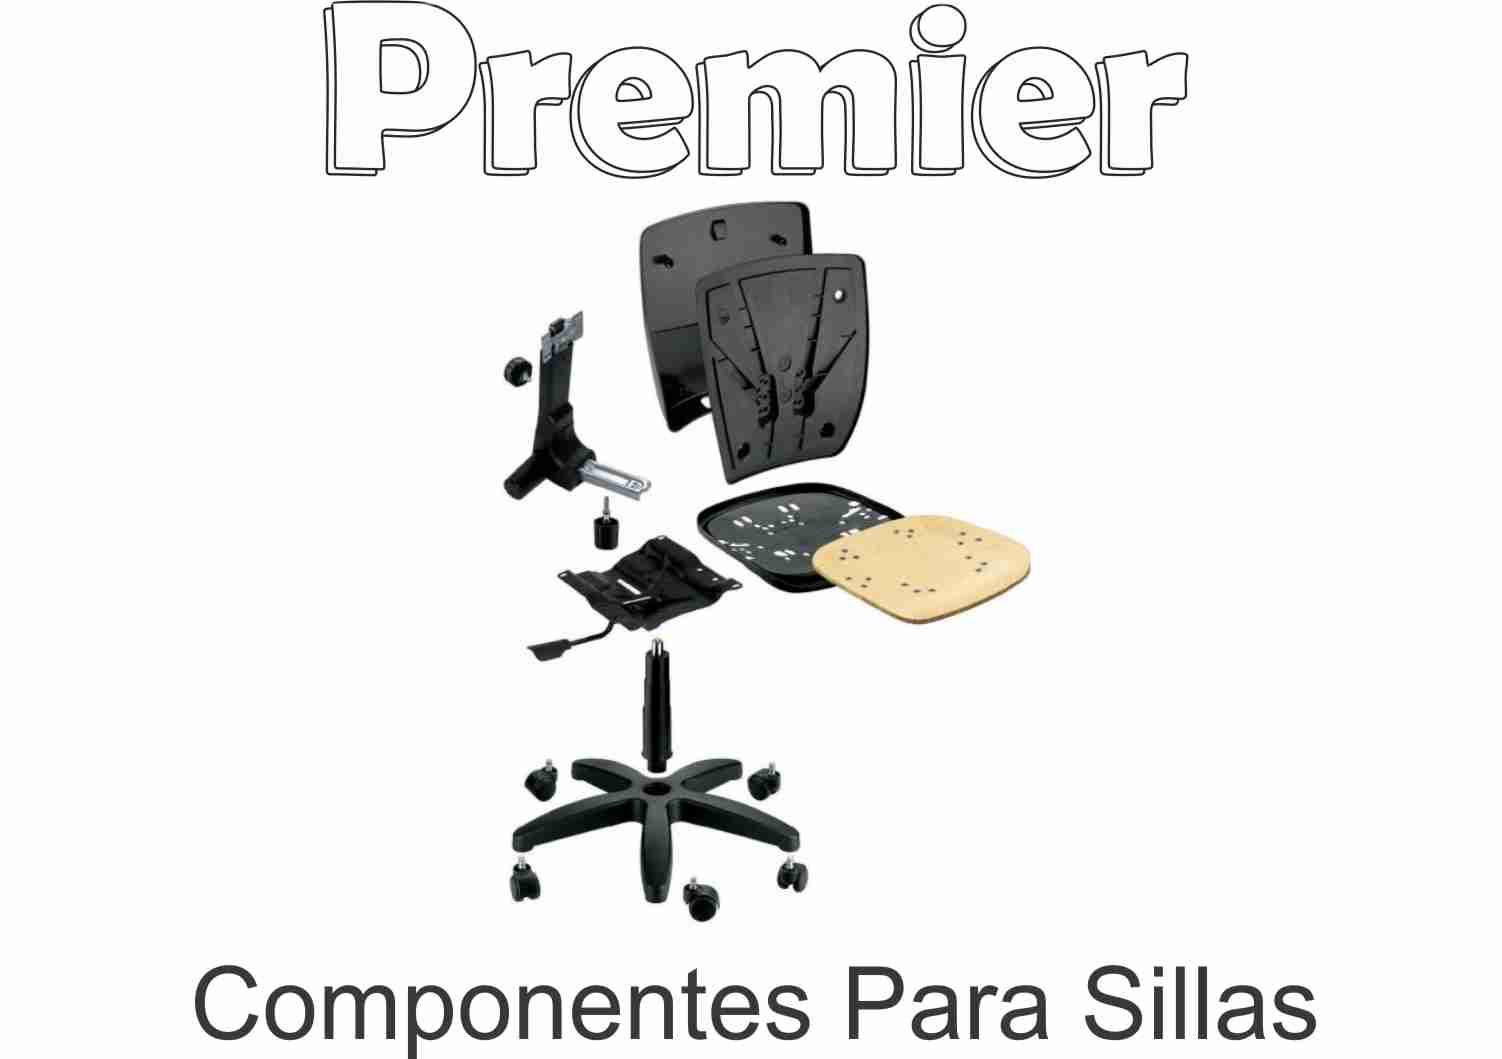 Accesorios y Componentes para muebles de oficinas